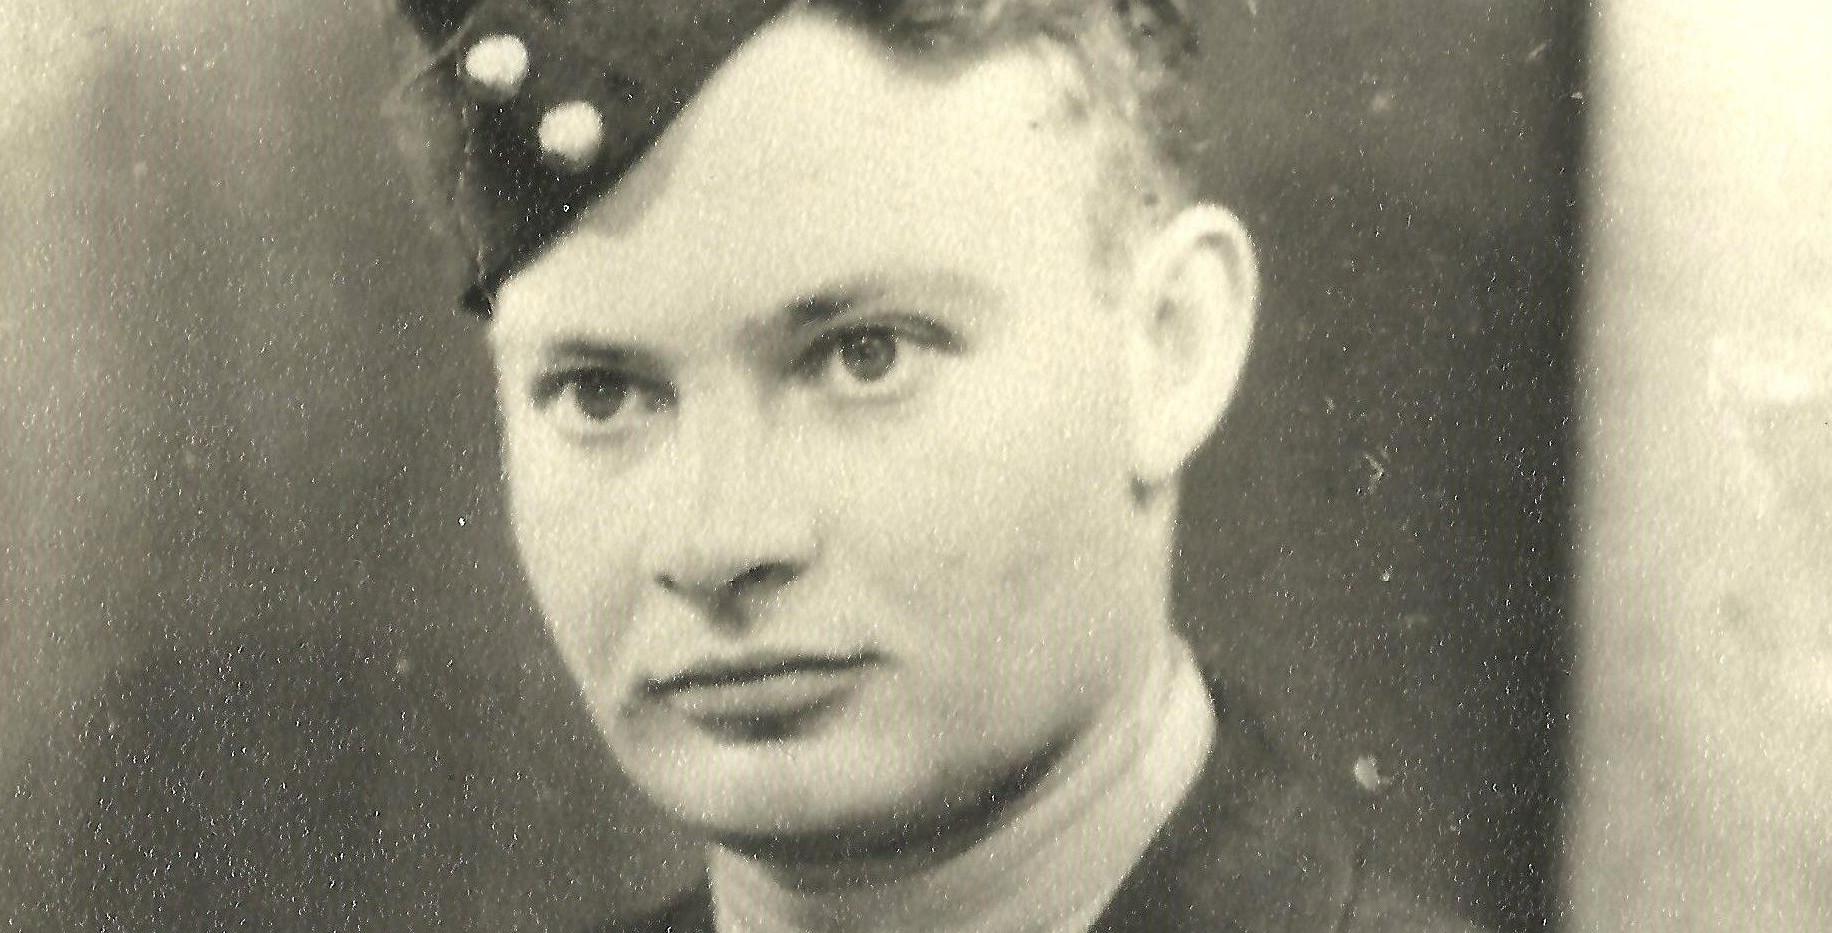 Sgt Chris McTaggert - Sandy's gunner